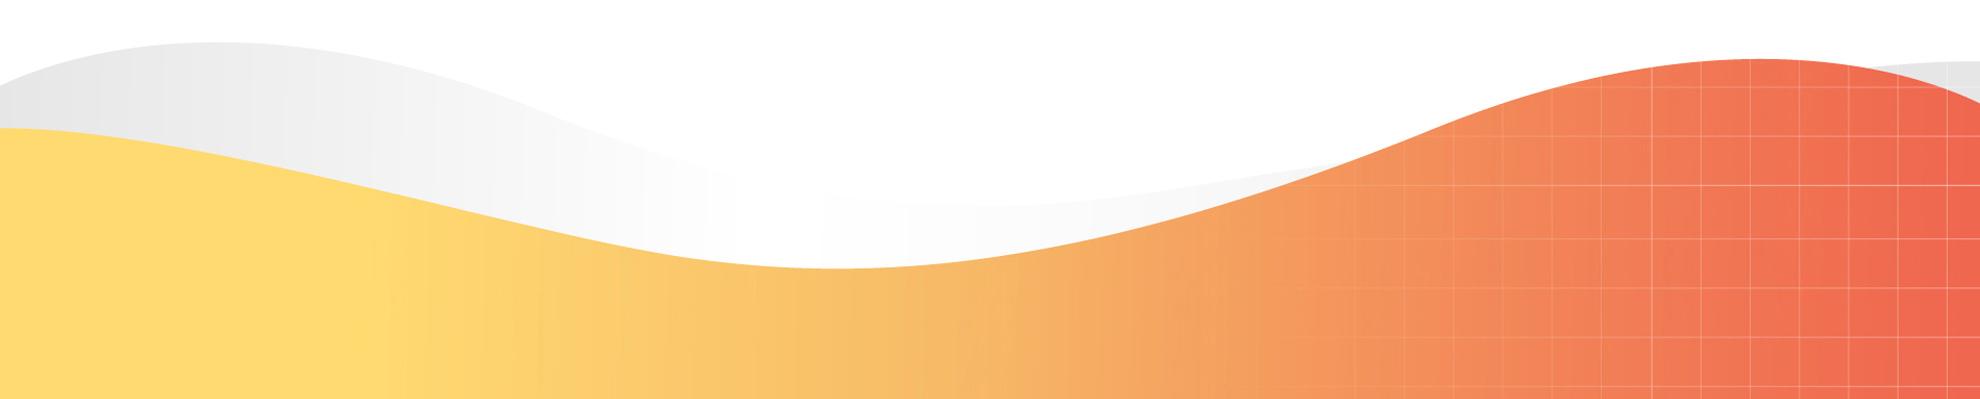 logo-bottom-官方網頁設計,官方網站設計, 品牌網站設計, 網站設計, 網頁設計, 響應式網頁設計, 公司網站設計, 公司網站, 產品網站, LOGO設計, 設計LOGO, 設計品牌, 創意設計, 品牌設計, 商標設計, 平面設計, 視覺設計, 名片設計, 產品設計, 包裝設計, 網頁設計, 網站設計, CIS企業識別設計, CIS, LOGO, DESIGN, brochure, Flyerlogo-bottom_網站設計_網頁設計_響應式網頁設計_公司網站設計_公司網站_產品網站_LOGO設計_設計LOGO_設計品牌_創意設計_品牌設計_商標設計_平面設計_視覺設計_名片設計_產品設計_包裝設計_網頁設計_網站設計_CIS企業識別設計_CIS_LOGO_DESIGN_brochure_Flyer